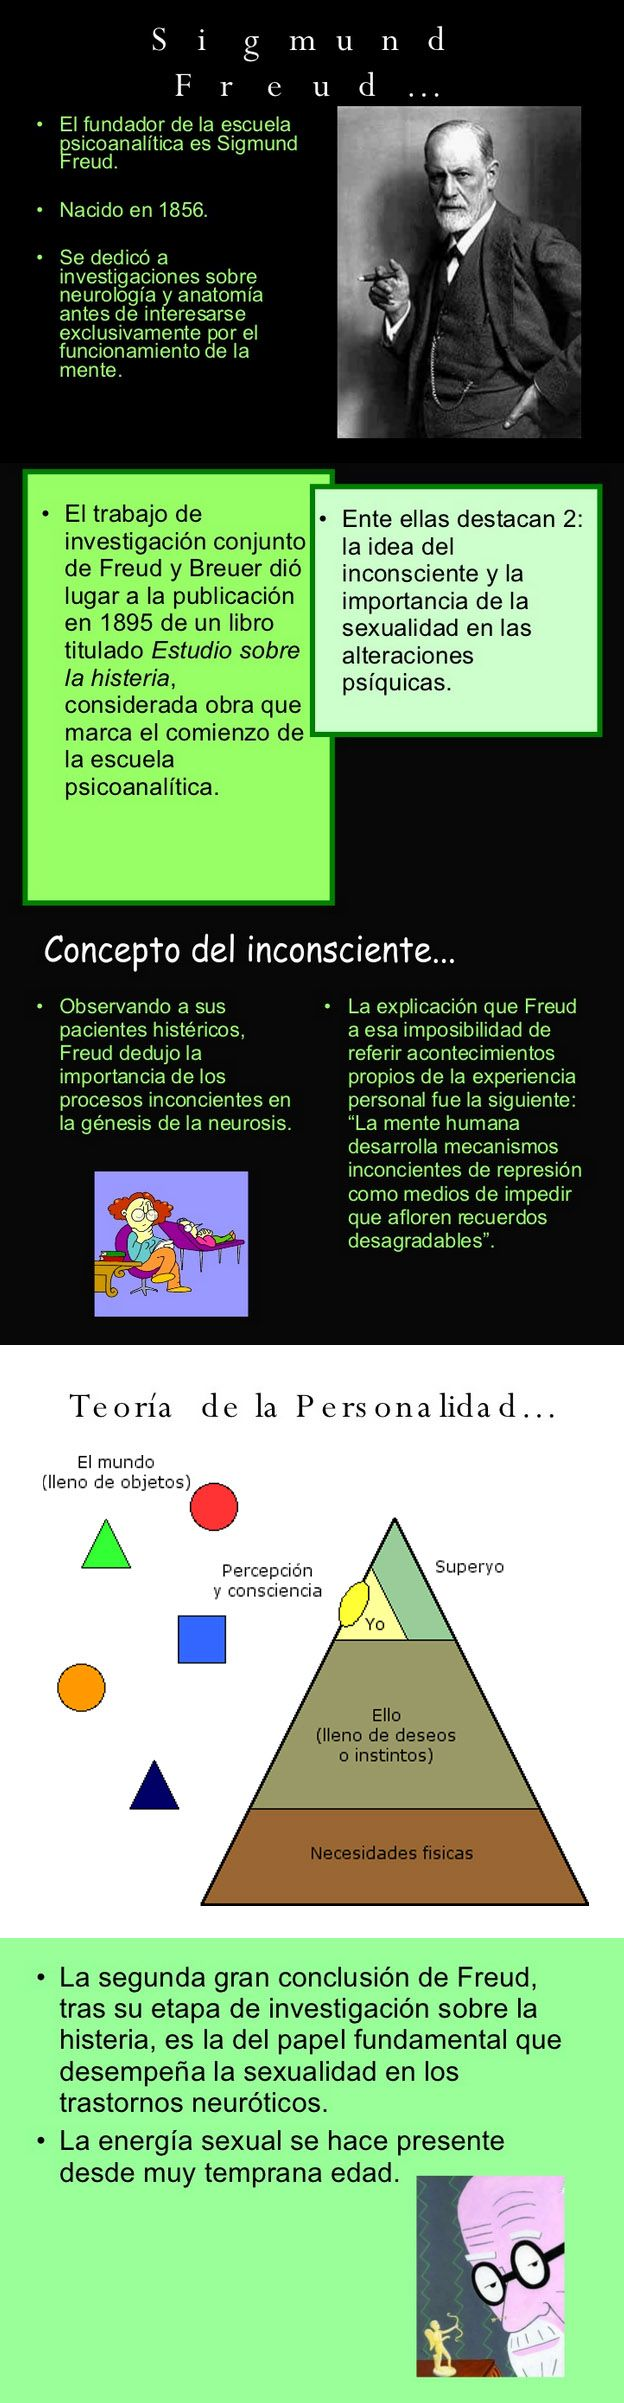 ... Sigmund Freud. Histeria. Teoría psicoanalítica.